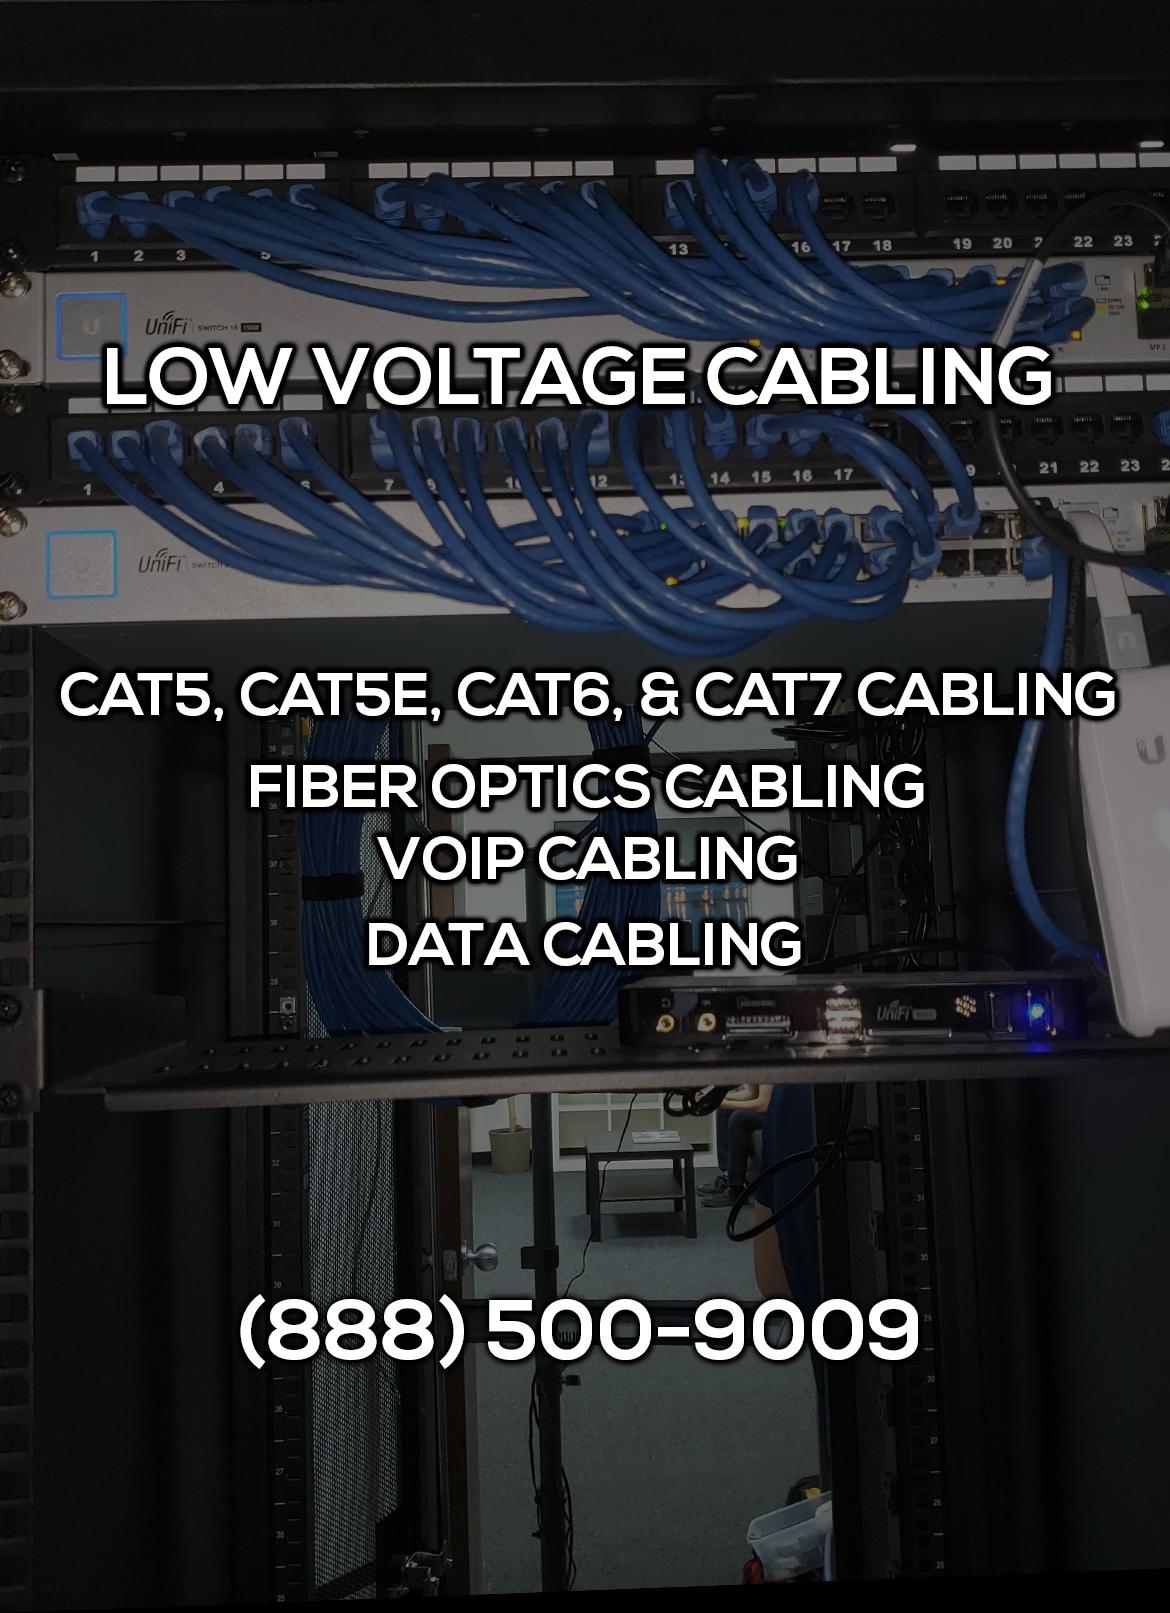 Low Voltage Cabling in La Habra